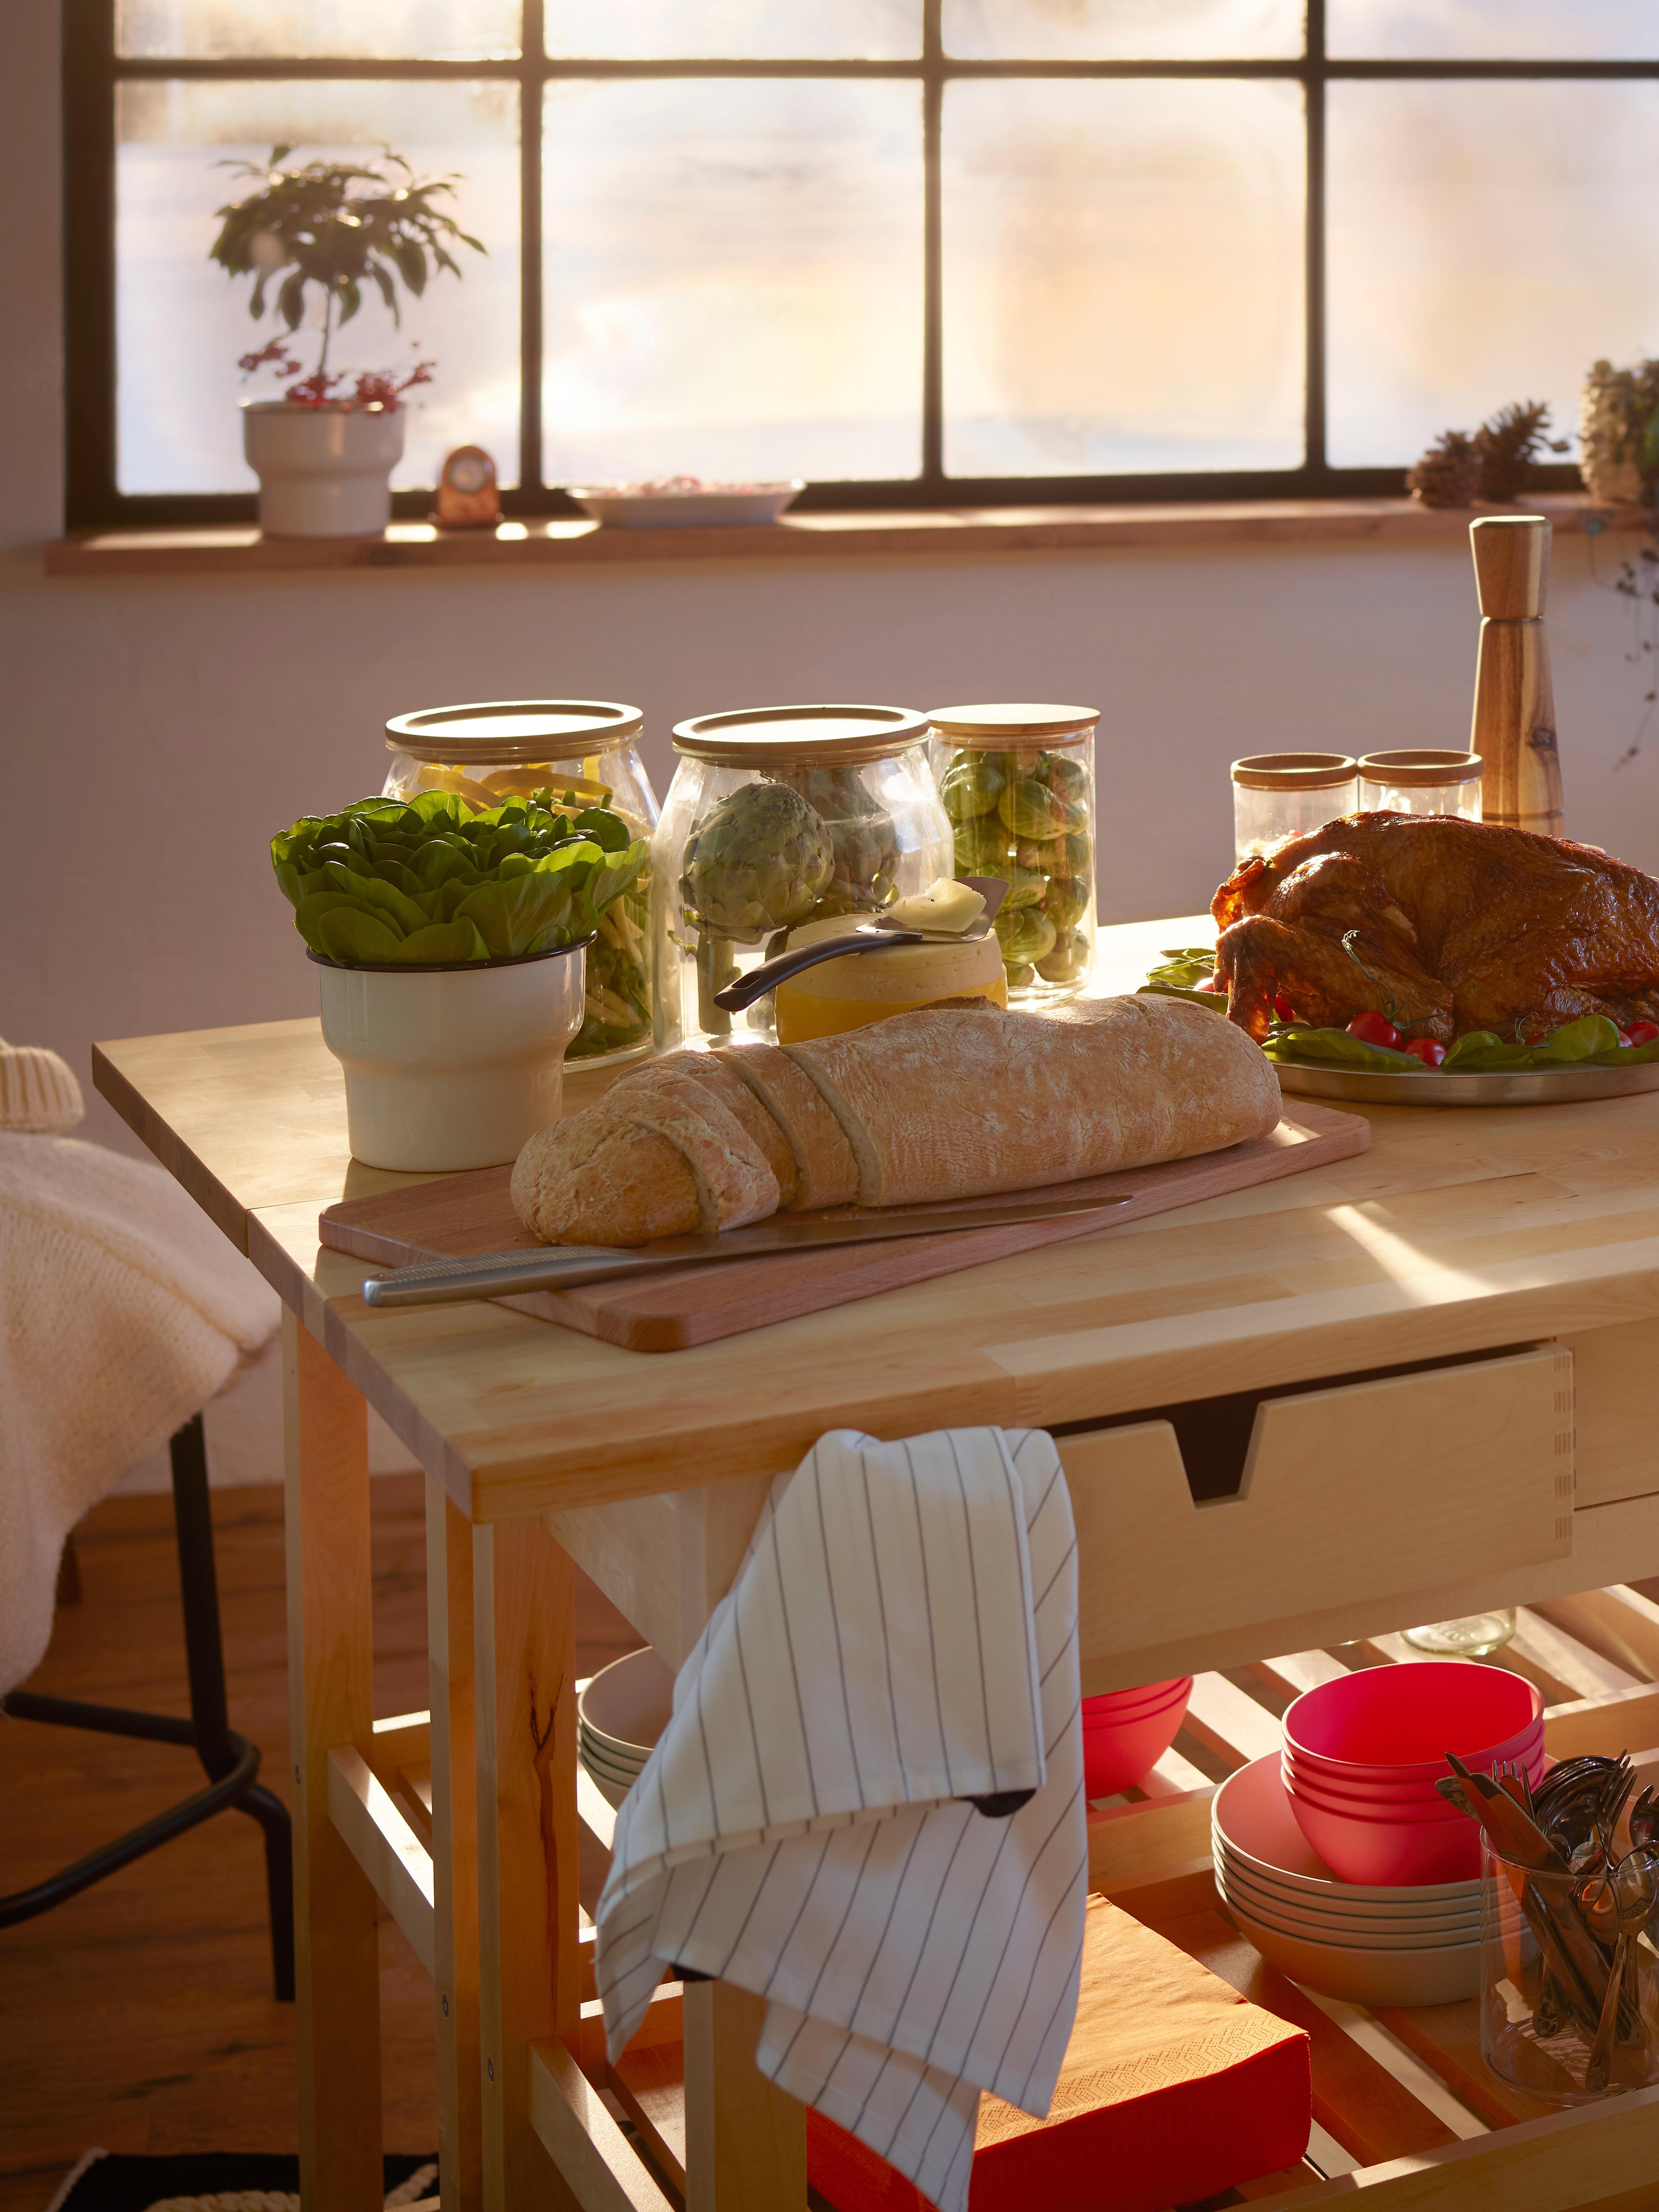 Due carrelli da cucina FÖRHÖJA in betulla massiccia affiancati per creare un'ampia area di servizio, con sopra vasetti ripieni di alimenti e una pagnotta.